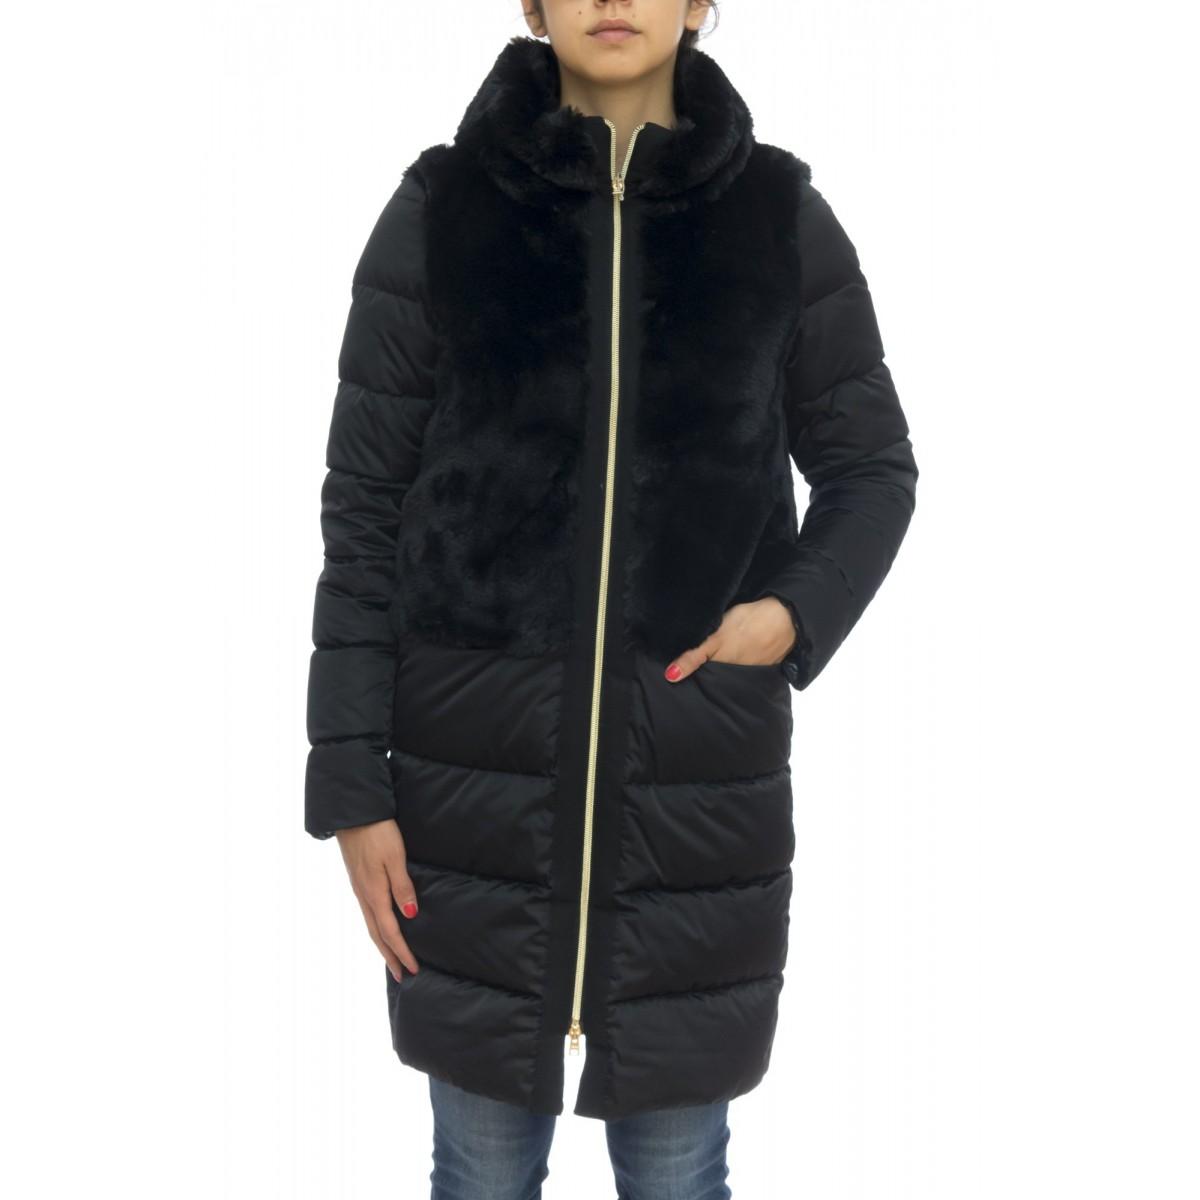 Piumino - Pi0873d 15100 nylon con eco pelliccia